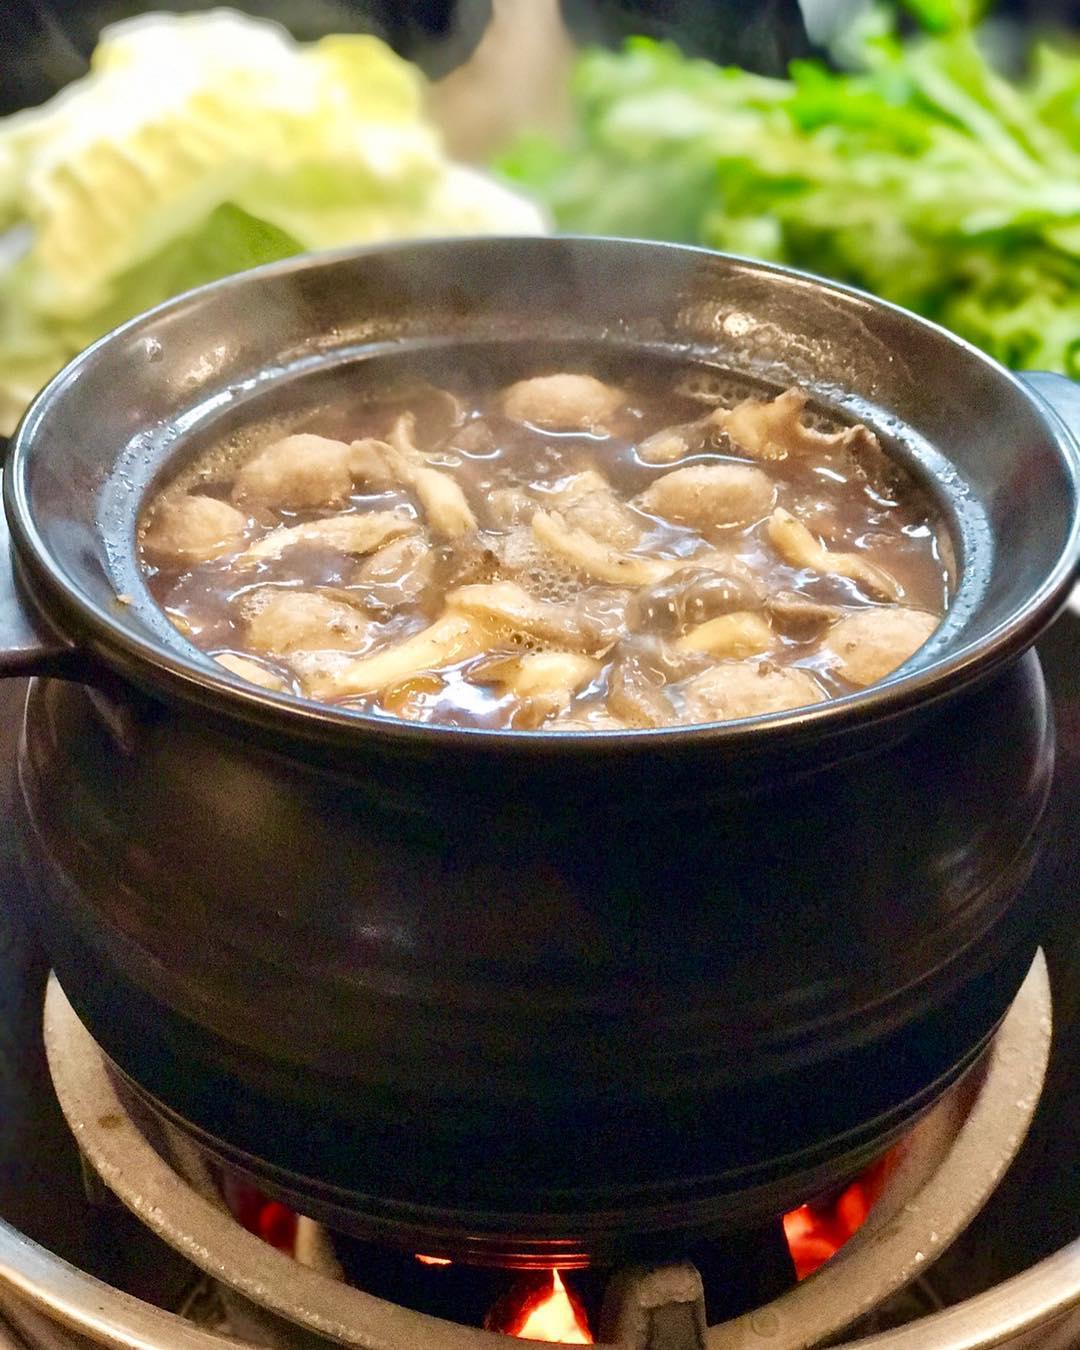 阿和師薑母鴨湯頭使用數十種藥材熬煮而成,精華全在這一鍋!